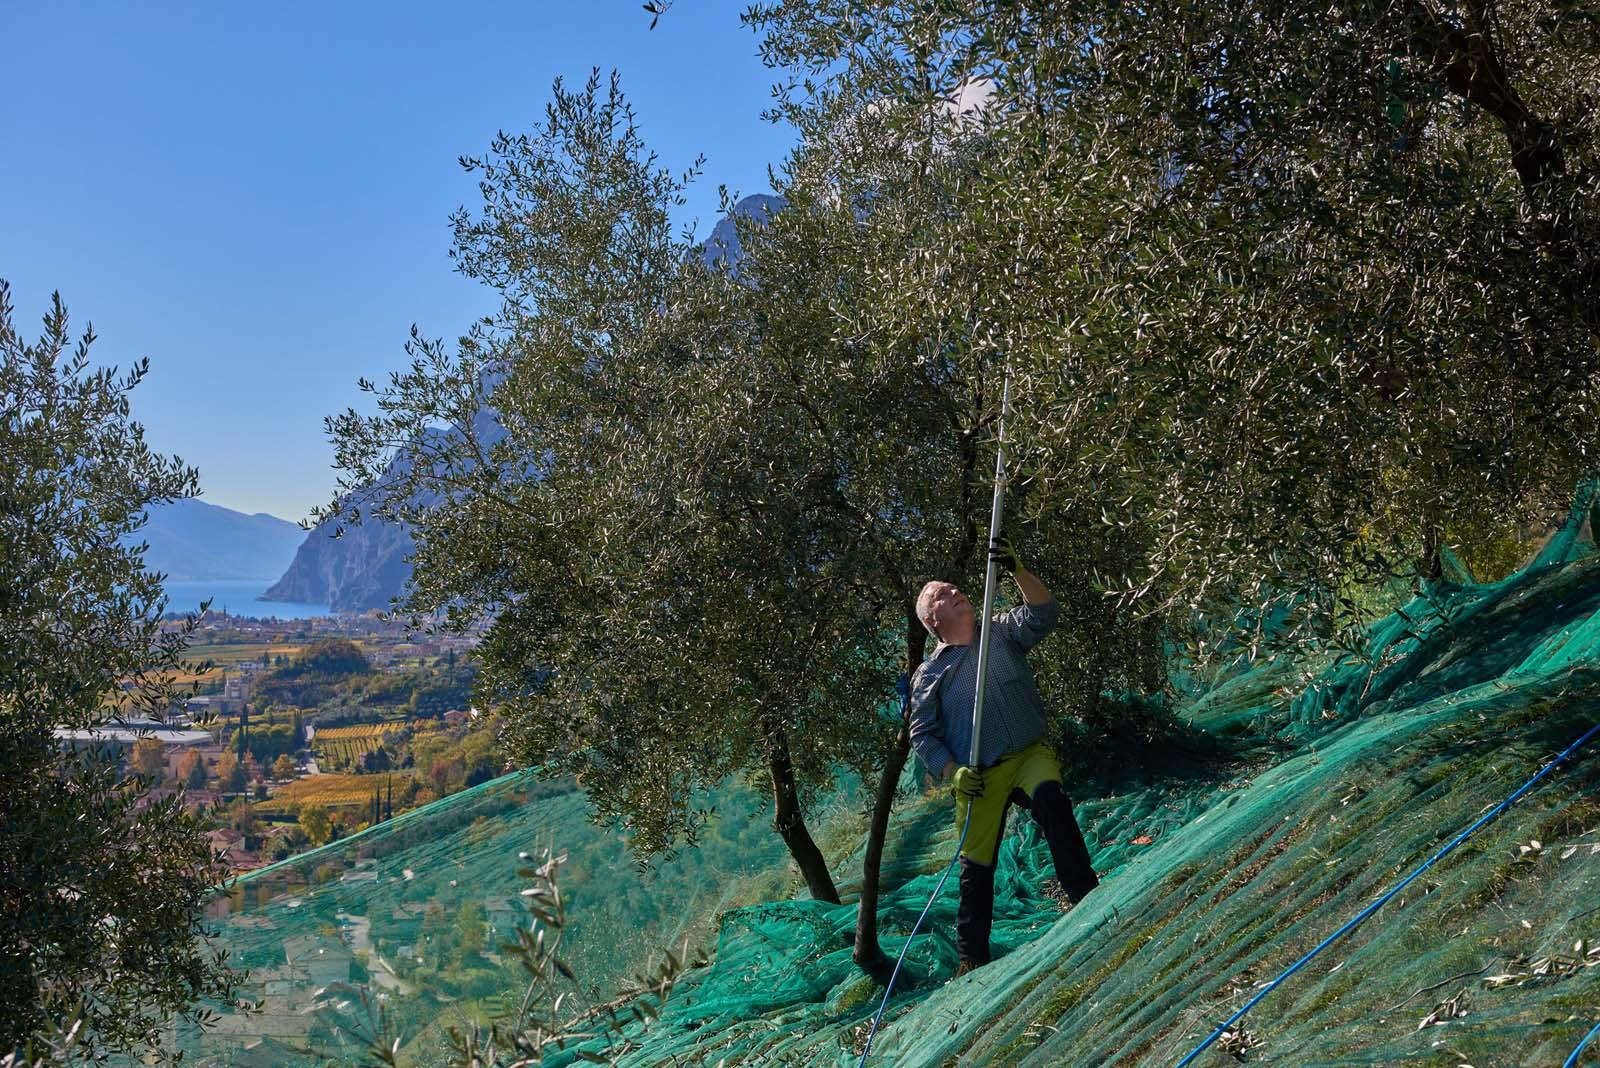 Azienda Agricola Tenuta Maso Botes Lago di Garda Trentino